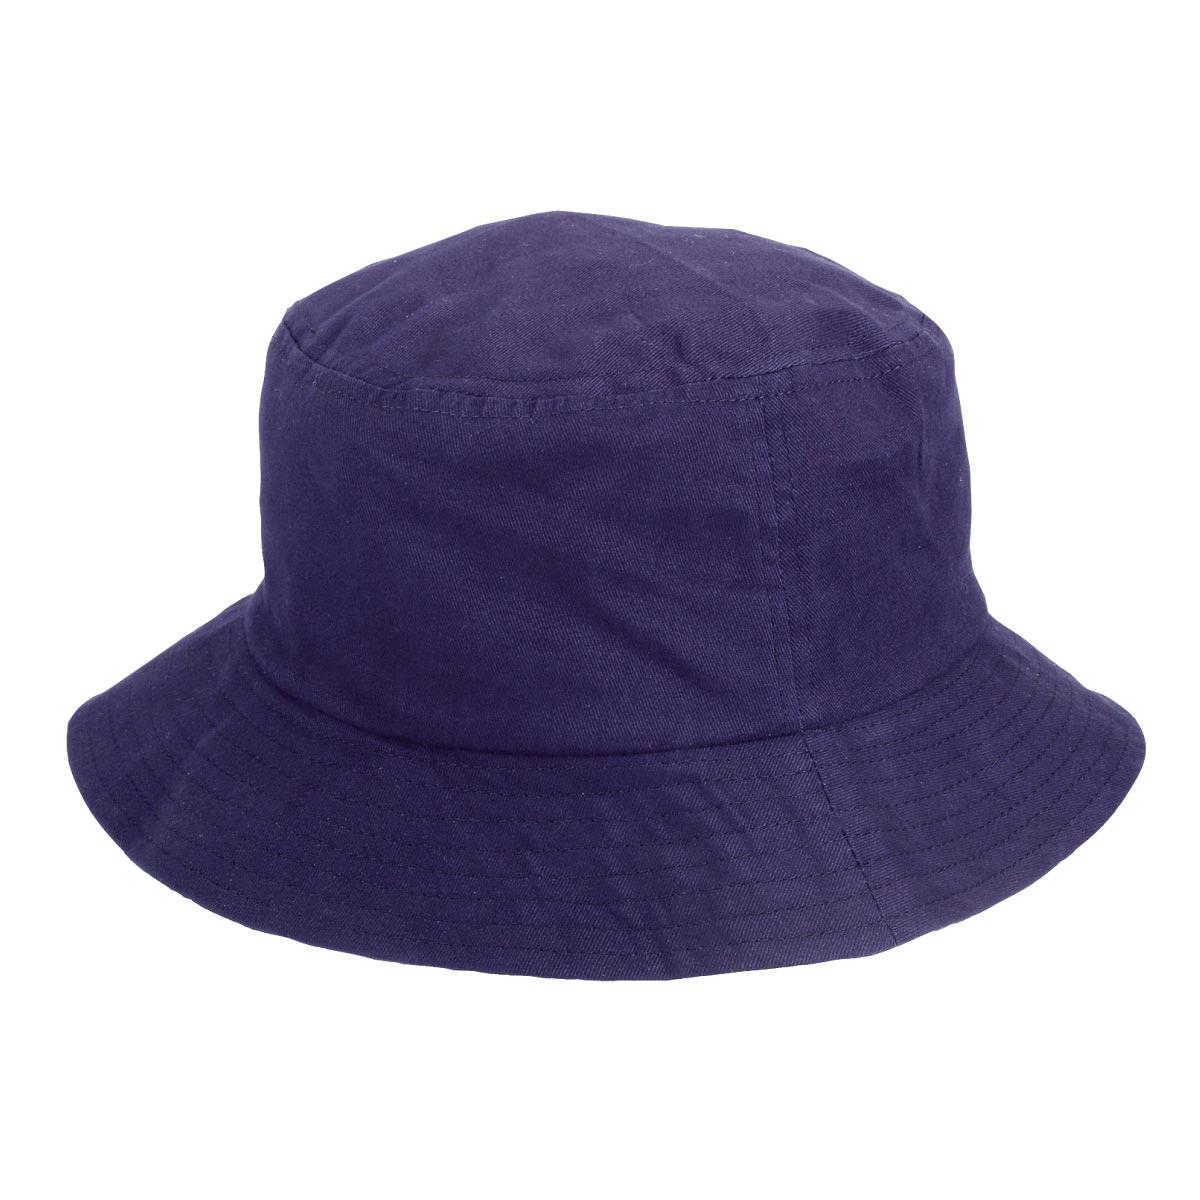 כובע טמבל - רפול